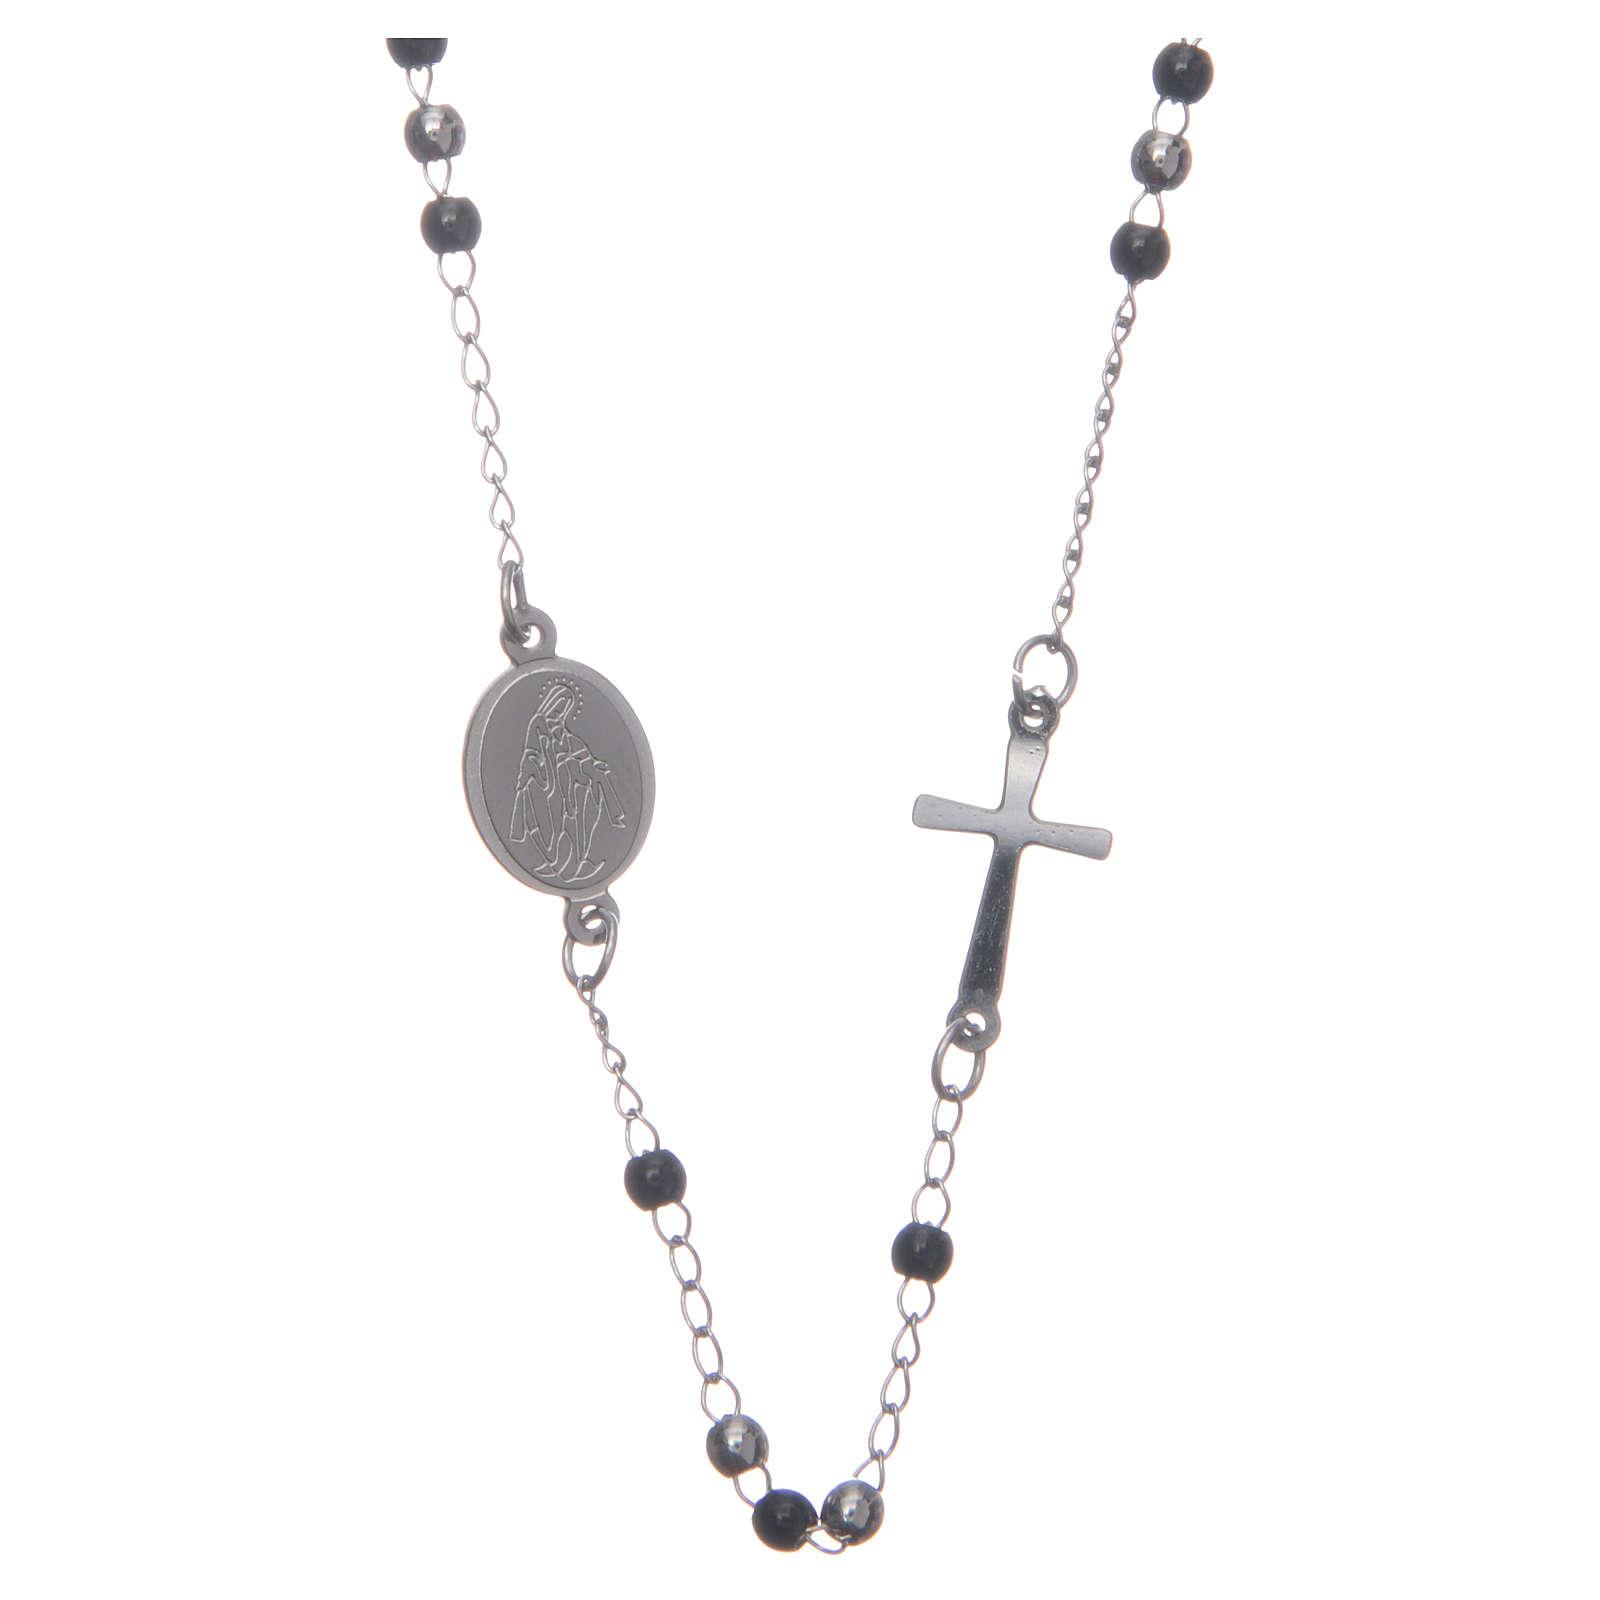 Chapelet tour de cou silver noir acier 316L 4